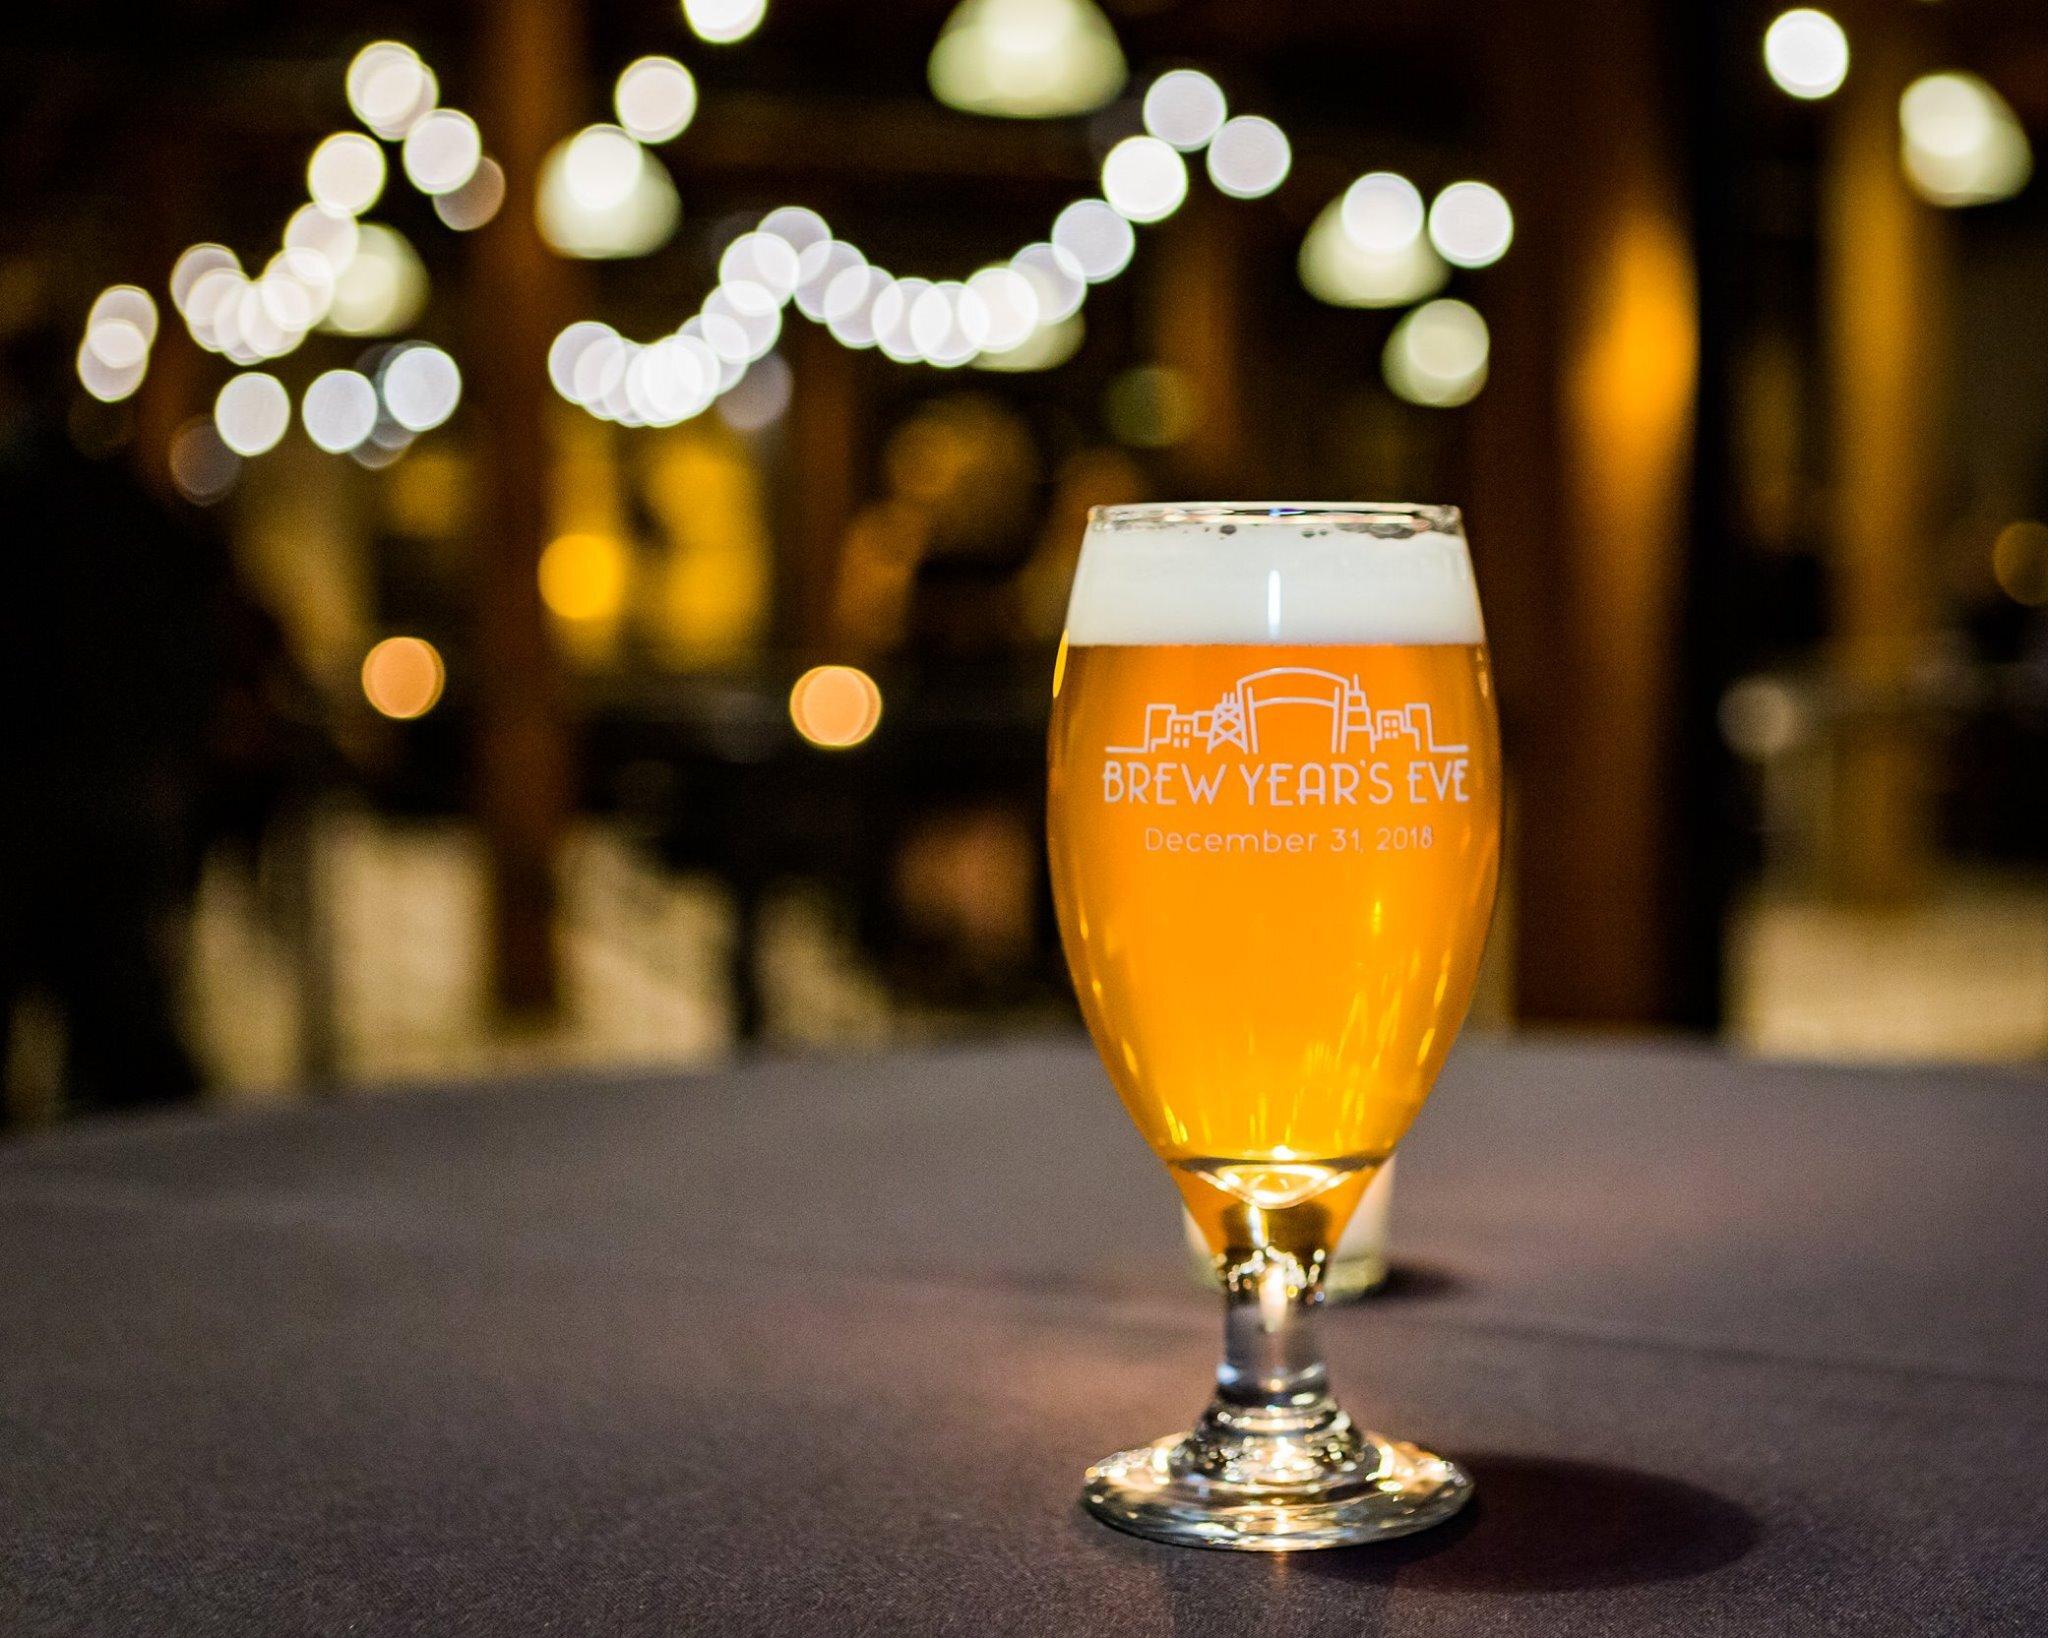 - craft beer